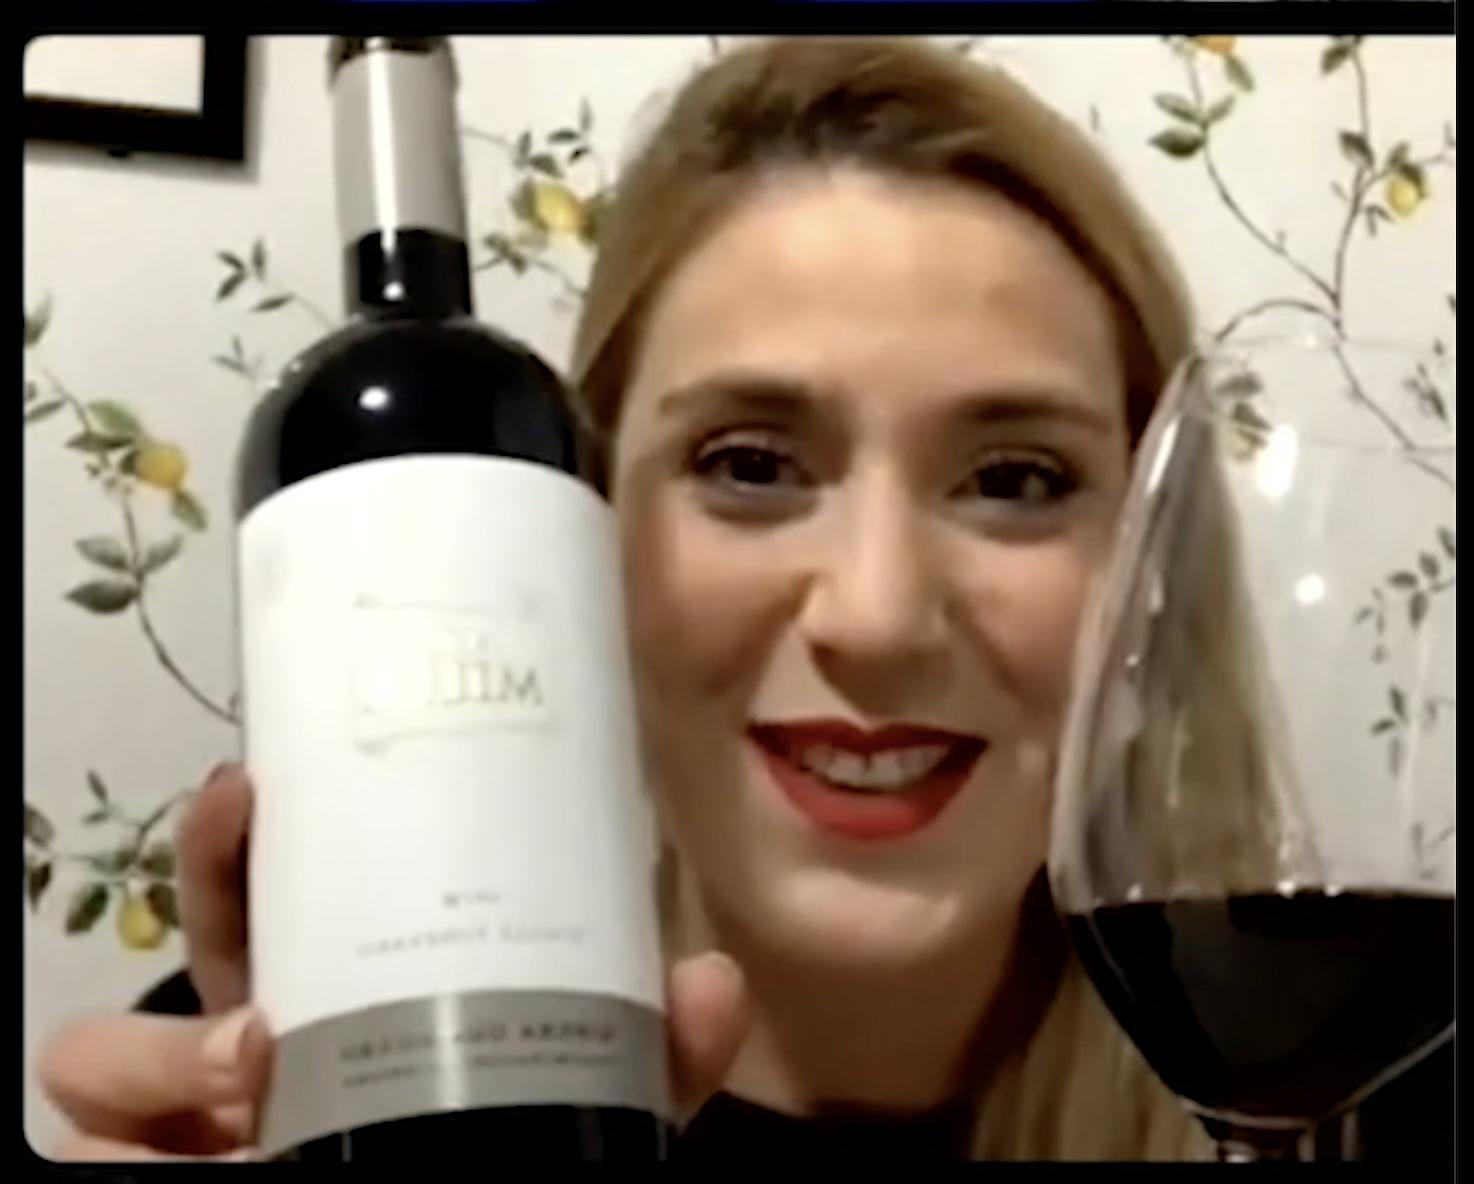 Ana del Fraile nos cuenta su experiencia de pertenecer al Club Milla en los directos de instagram IGTV